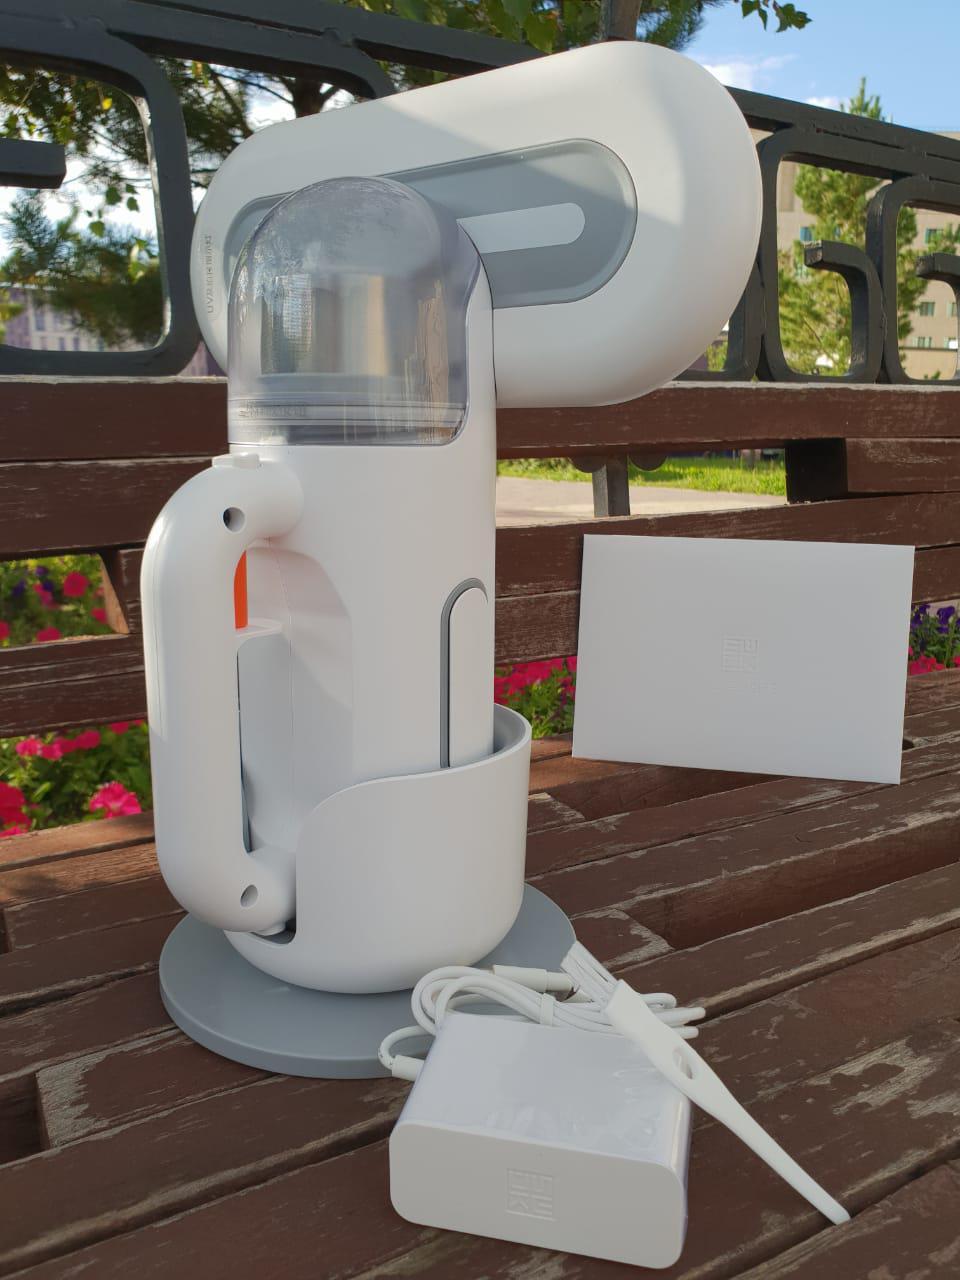 Беспроводной пылесос Shuawadi Handheld предназначен для борьбы не только с пылью, но и с пылевыми клещами